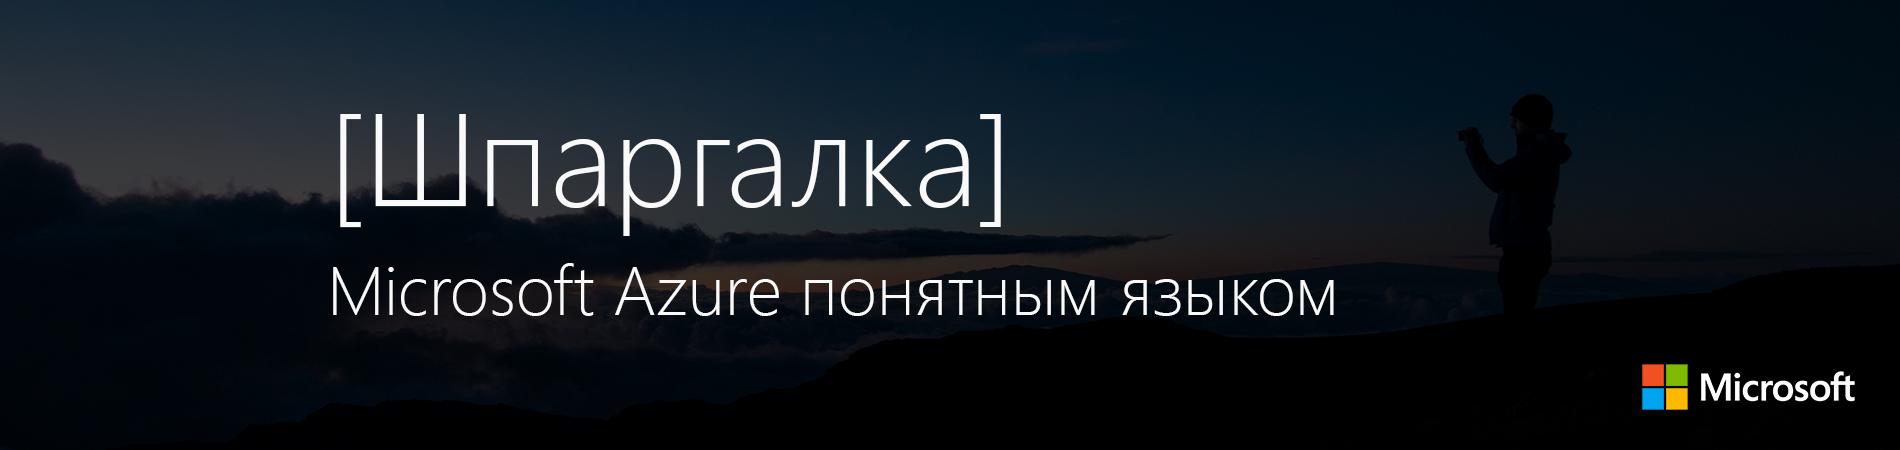 Azure понятным языком [Шпаргалка]